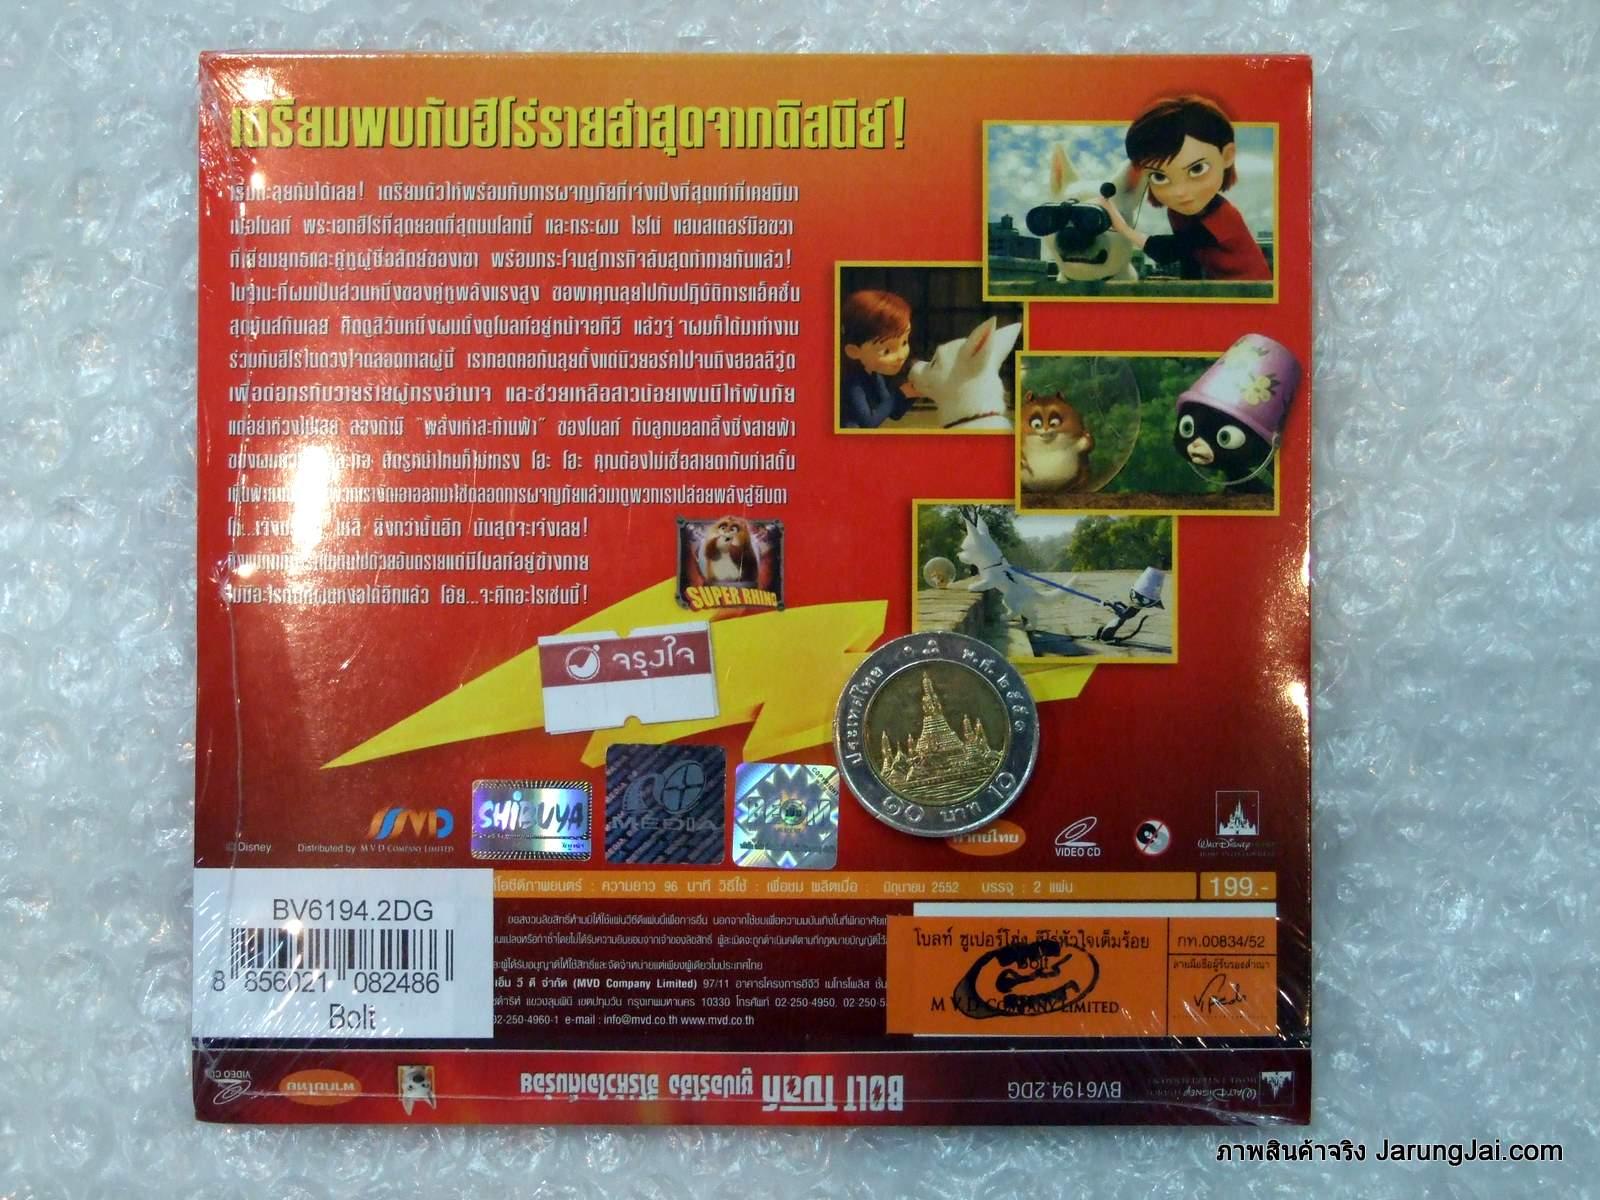 http://1.bp.blogspot.com/_P3EnZIz4vuA/TCSAk2lzvXI/AAAAAAAACYM/XytS45UmW-U/s1600/DSCF8030.JPG